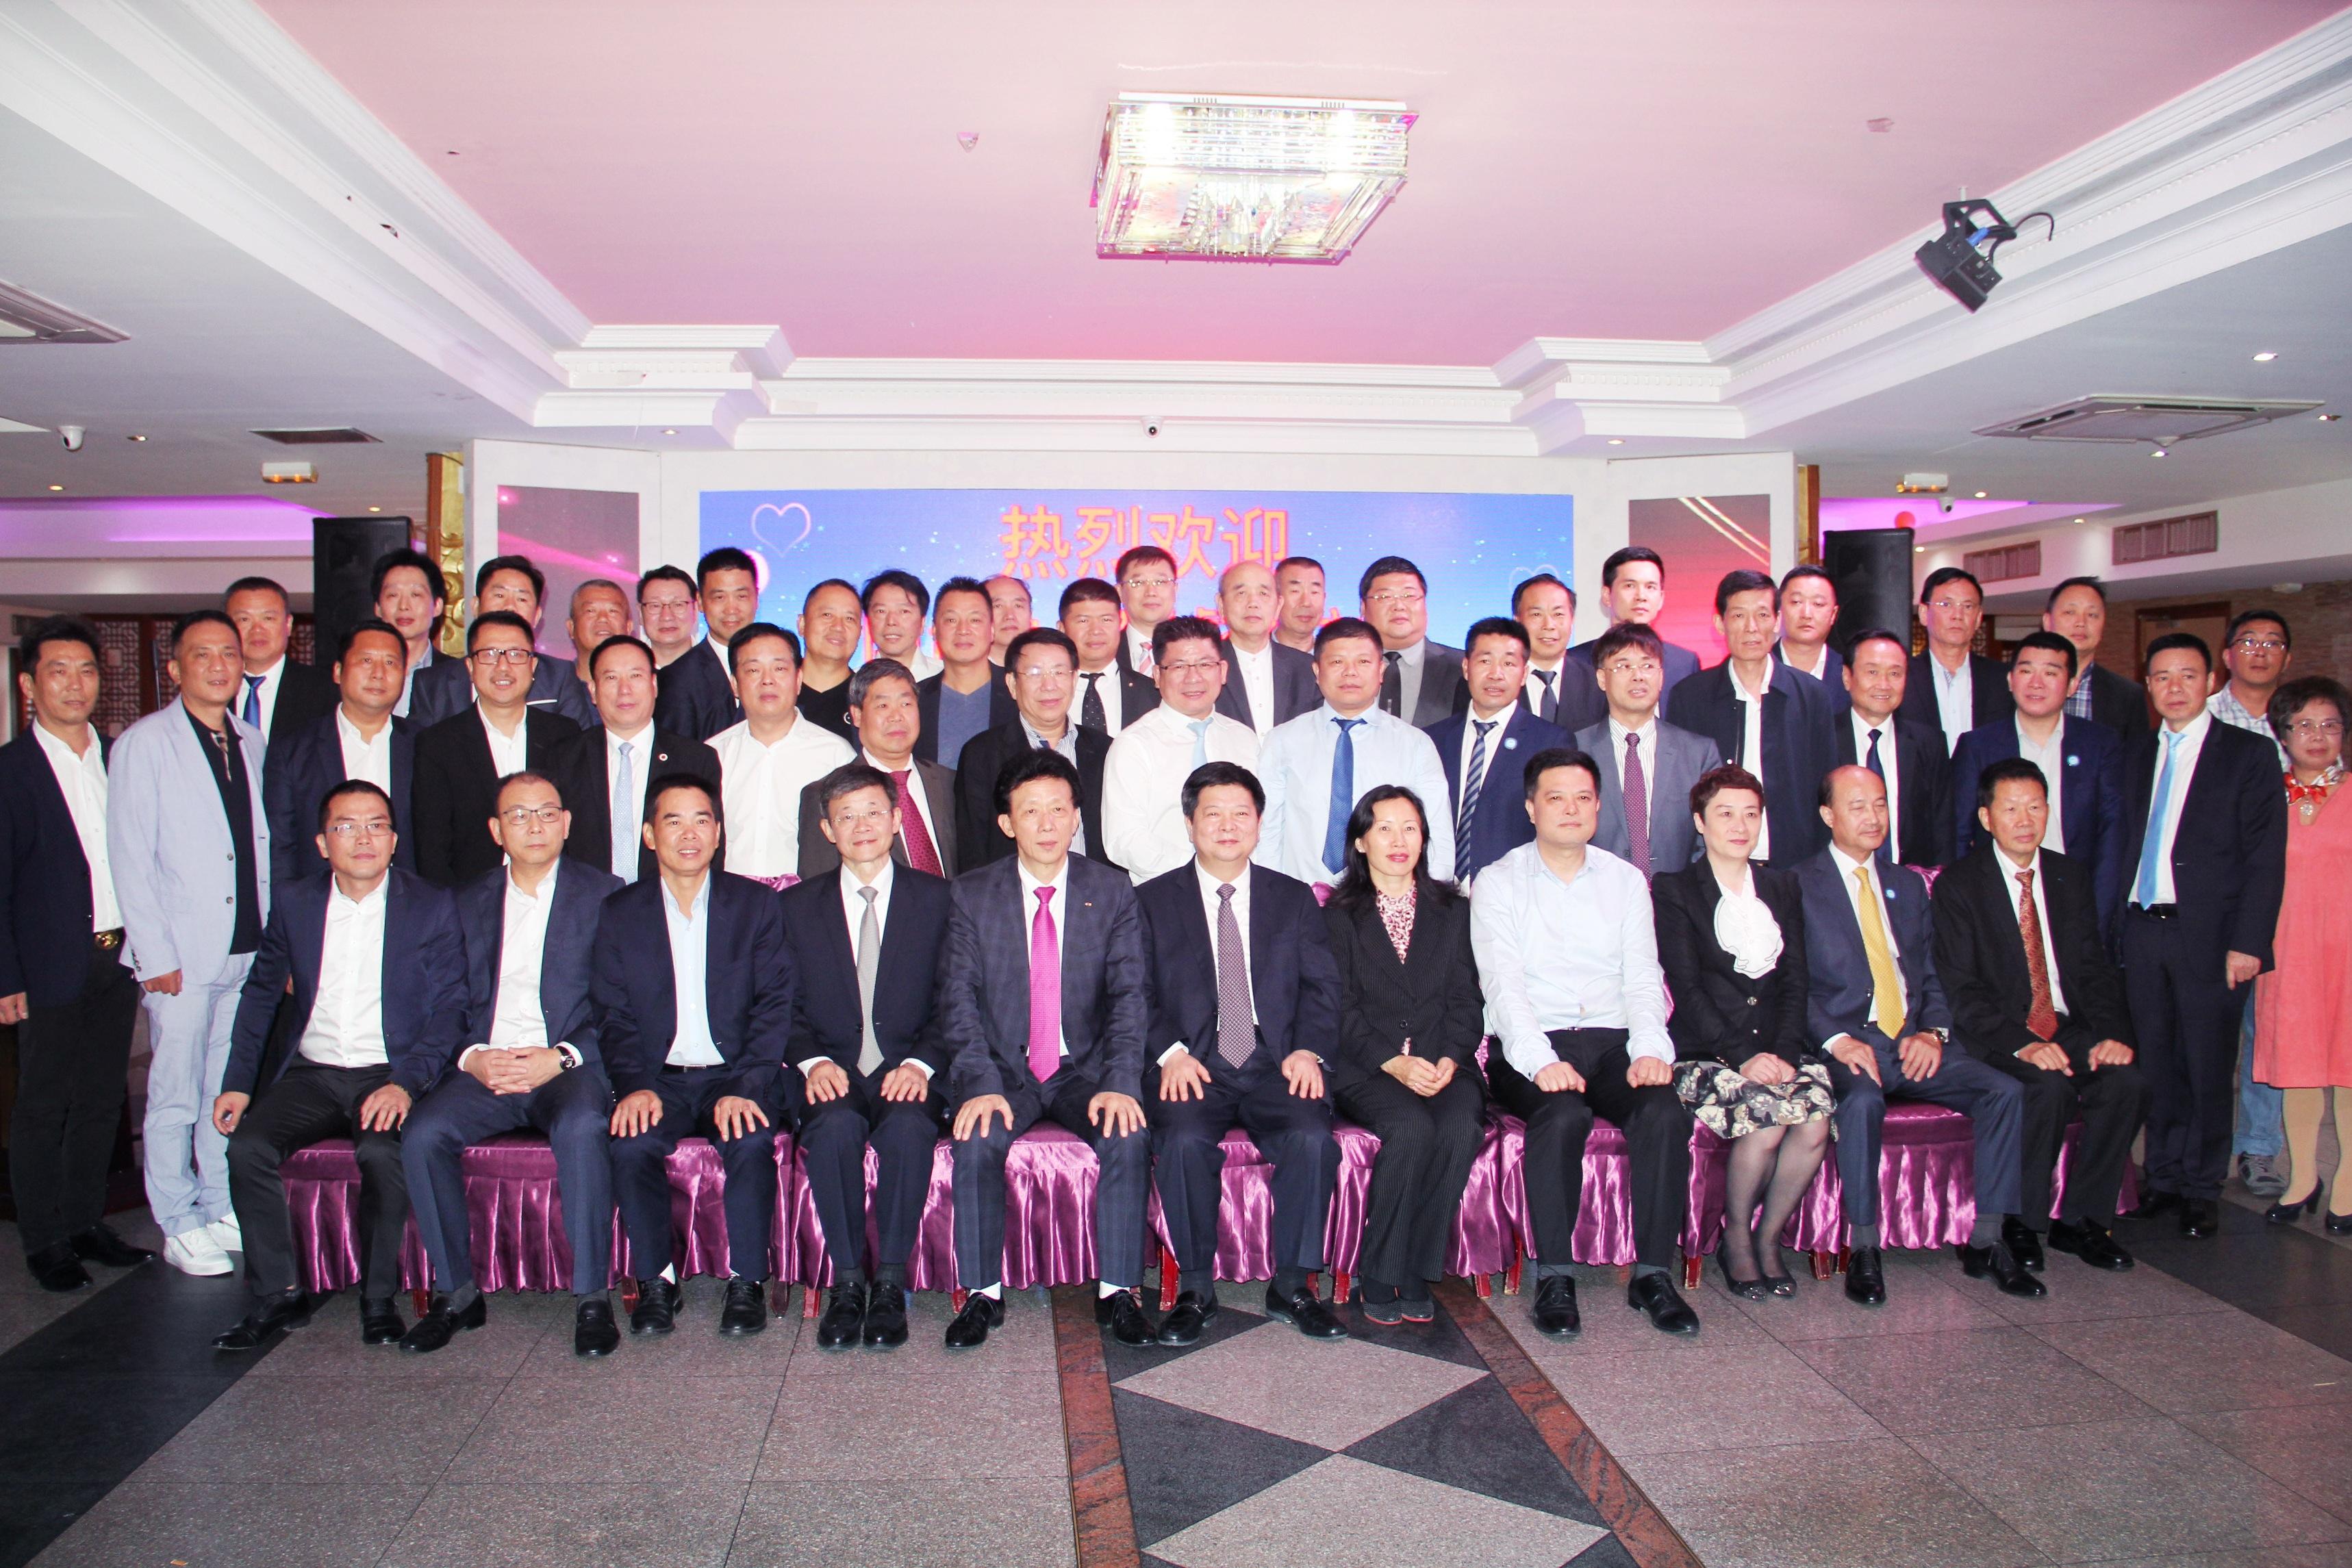 国台办副主任龙明彪与旅法侨界座谈:凝心聚力促进两岸和平统一